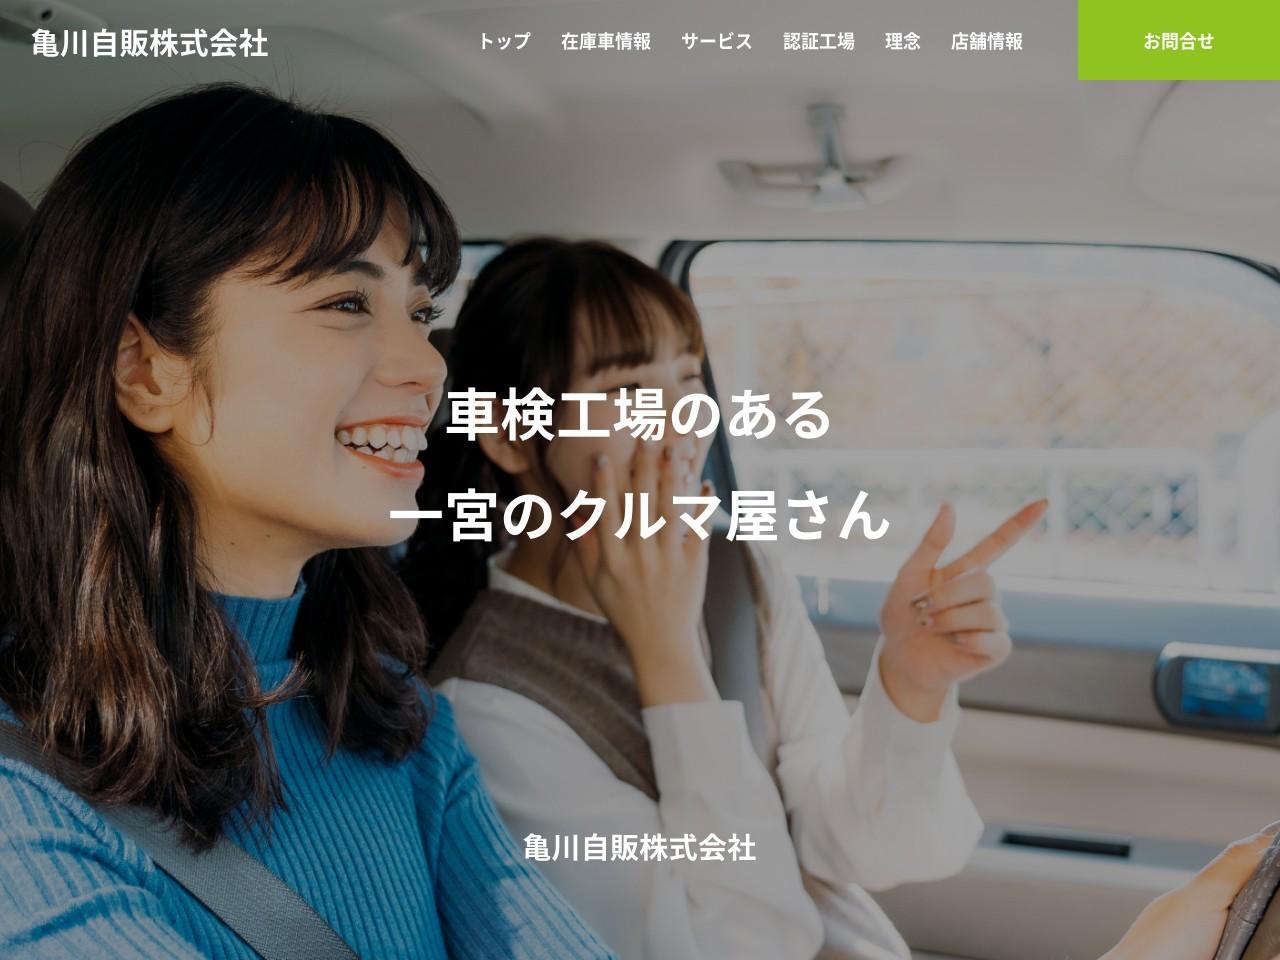 亀川自動車販売株式会社